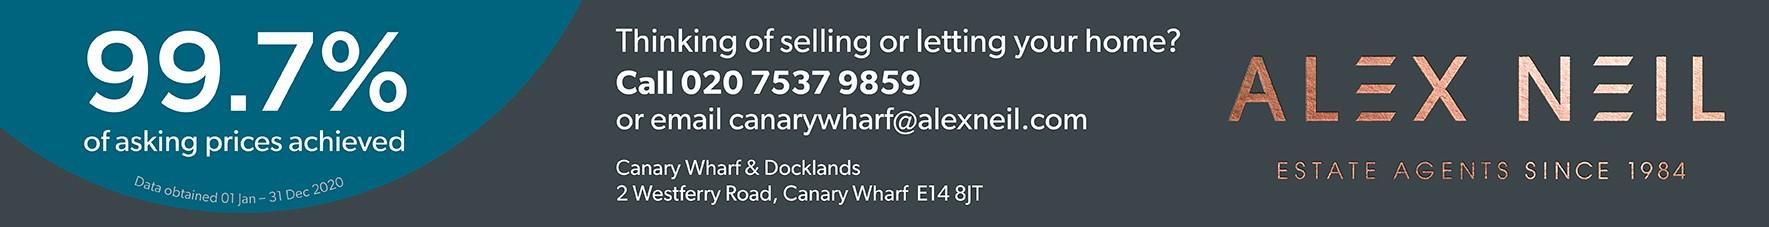 Visit Alex Neil Estate Agents